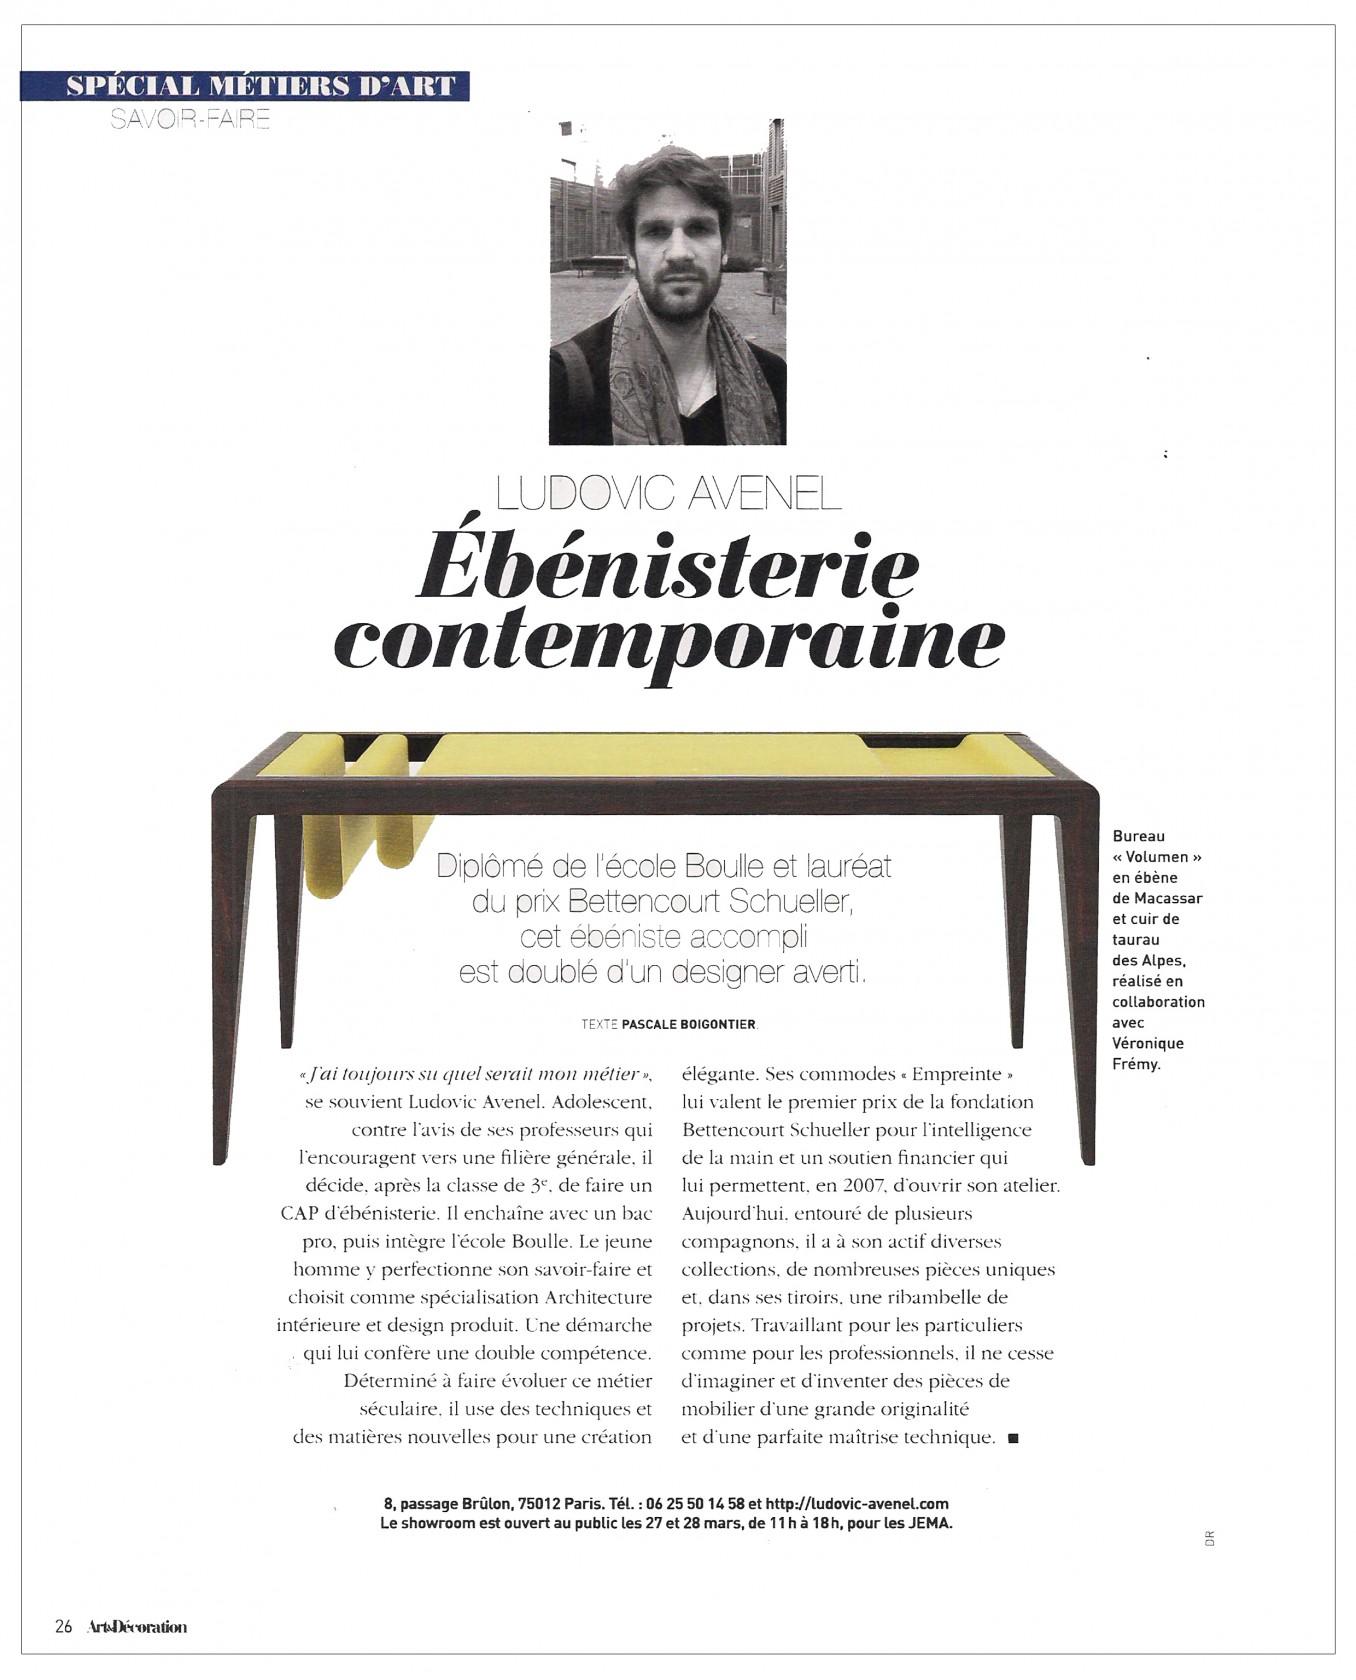 Ludovic AVENEL : ébéniste créateur - Ludovic_Avenel_press_art_&_décoration_ebeniste_créateur_design_sur mesure_3